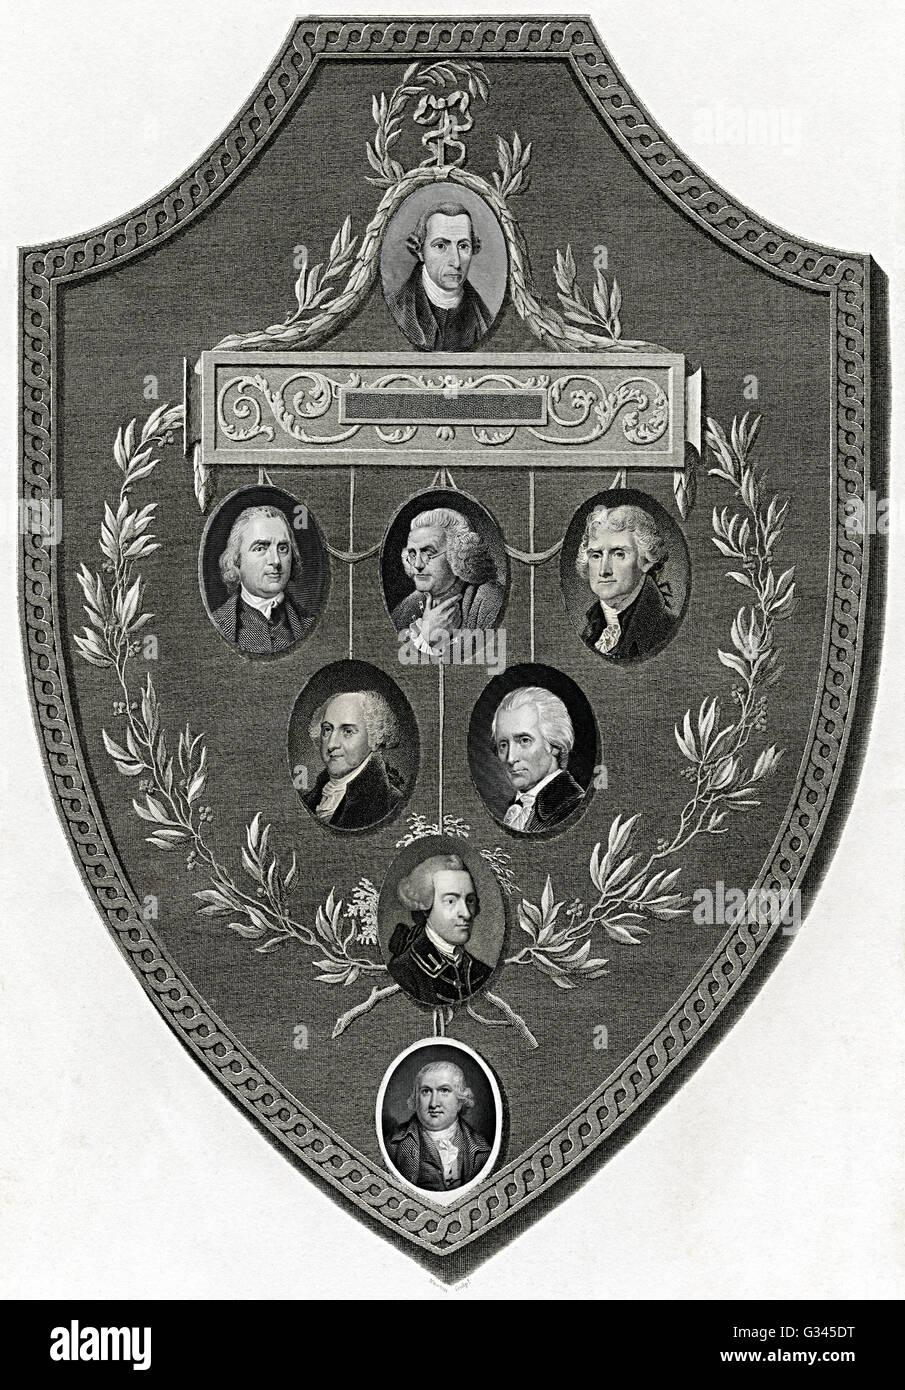 Schild mit Einschub-Porträts von Franklin, Jefferson, Adams und weitere Präsidenten Stockbild